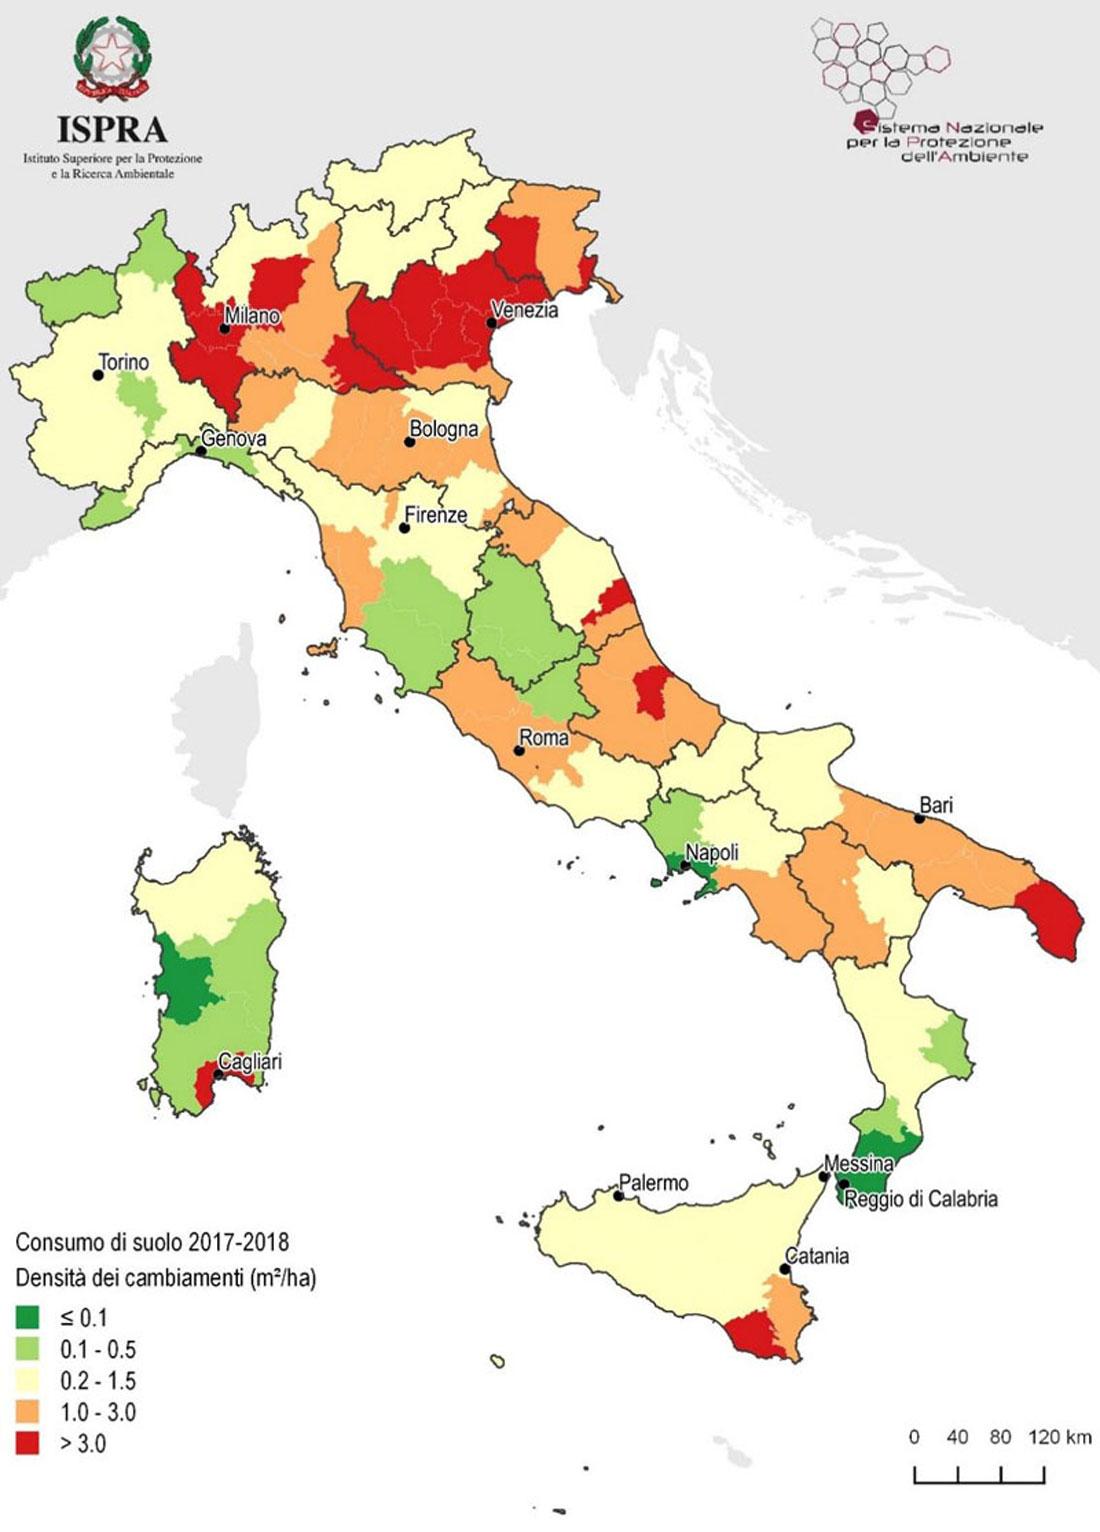 Consumo di suolo 2017-2018 su suolo Italiano. Fonte: ISPRA